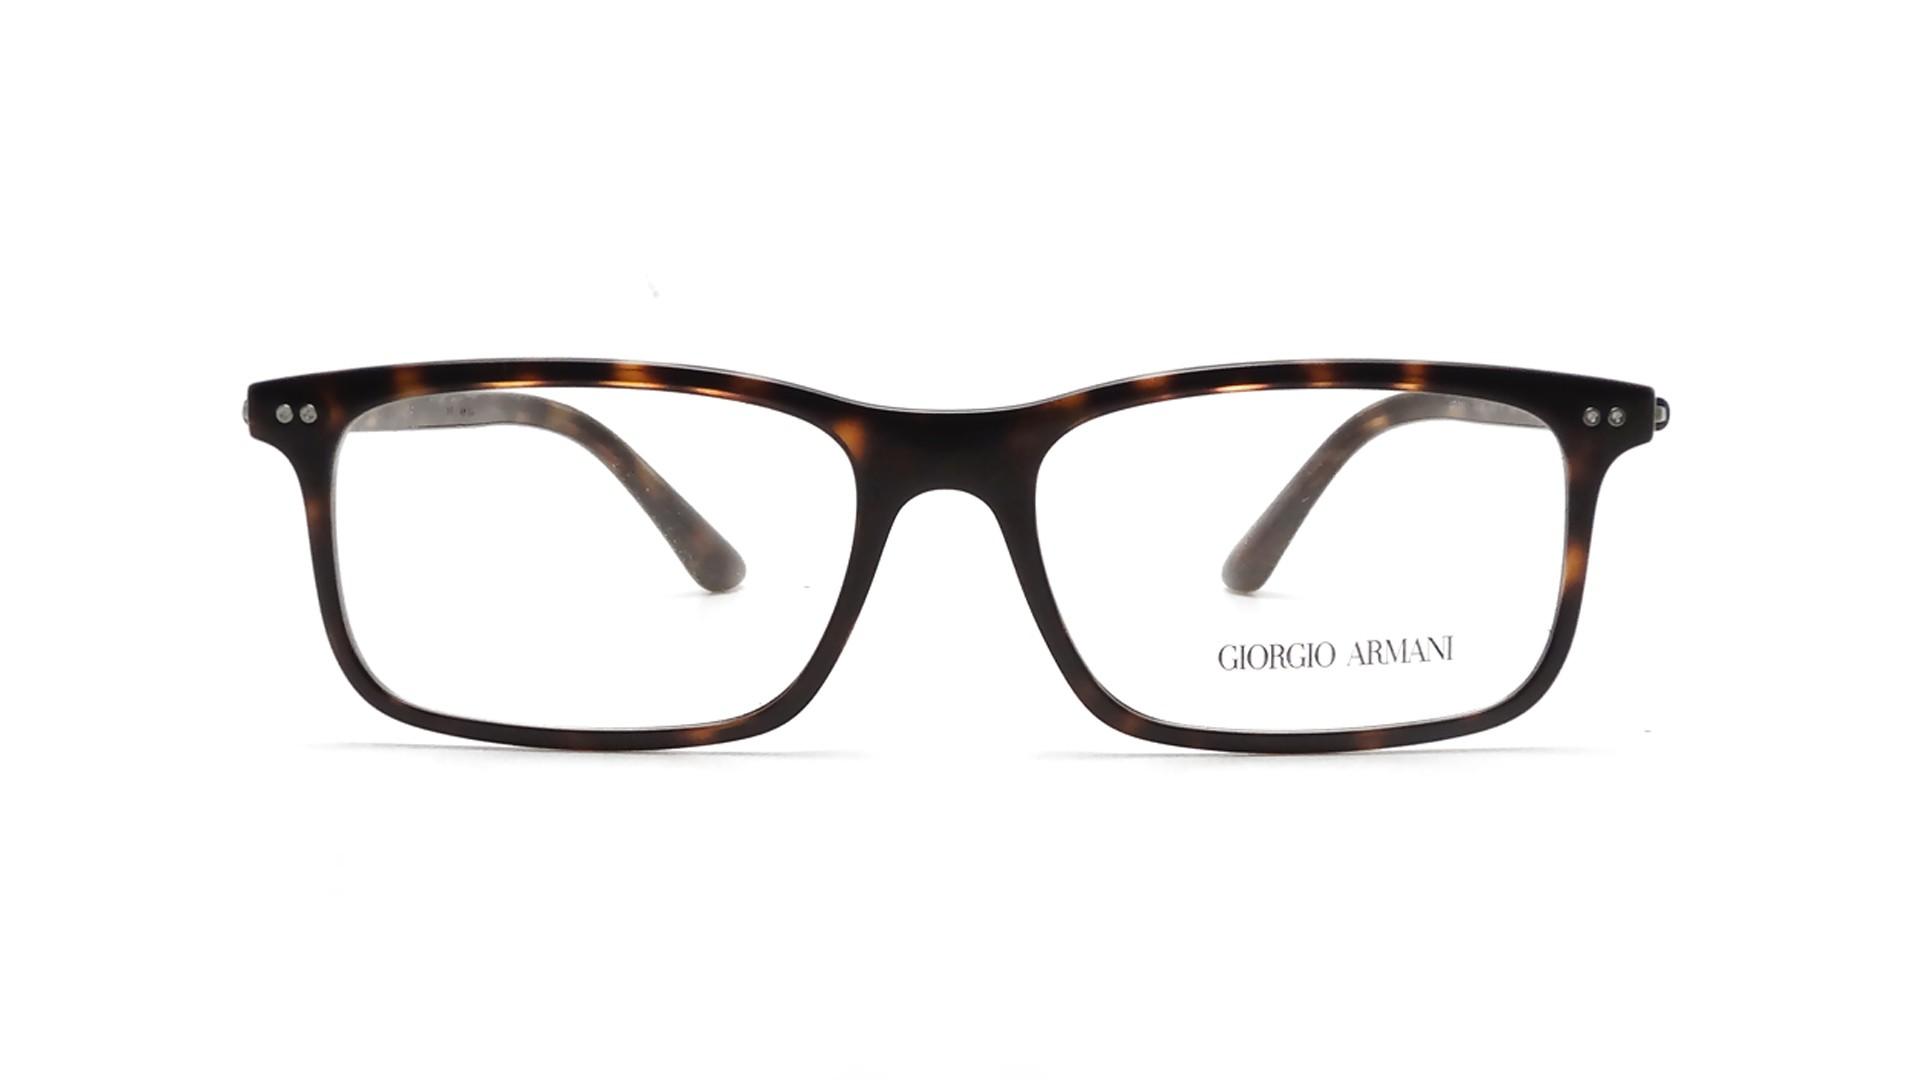 Giorgio Armani Glasses Frames Of Life : Giorgio Armani Frames of Life Tortoise AR7041 5026 53-16 ...